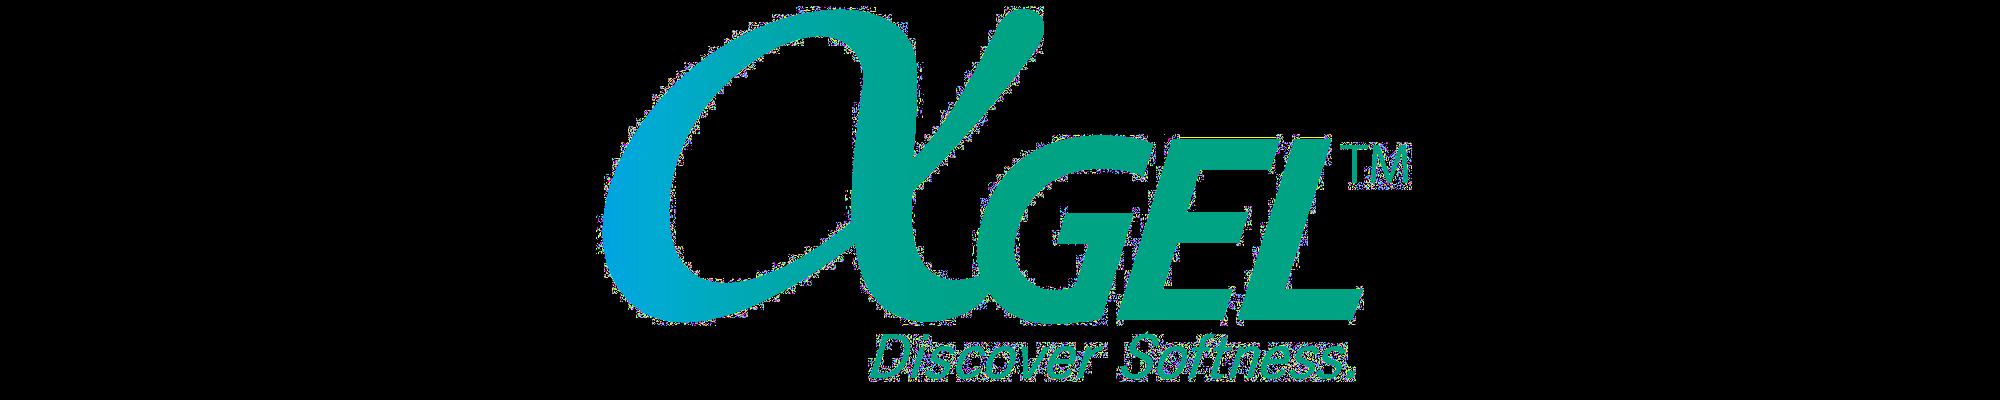 Taica alpha gel logo